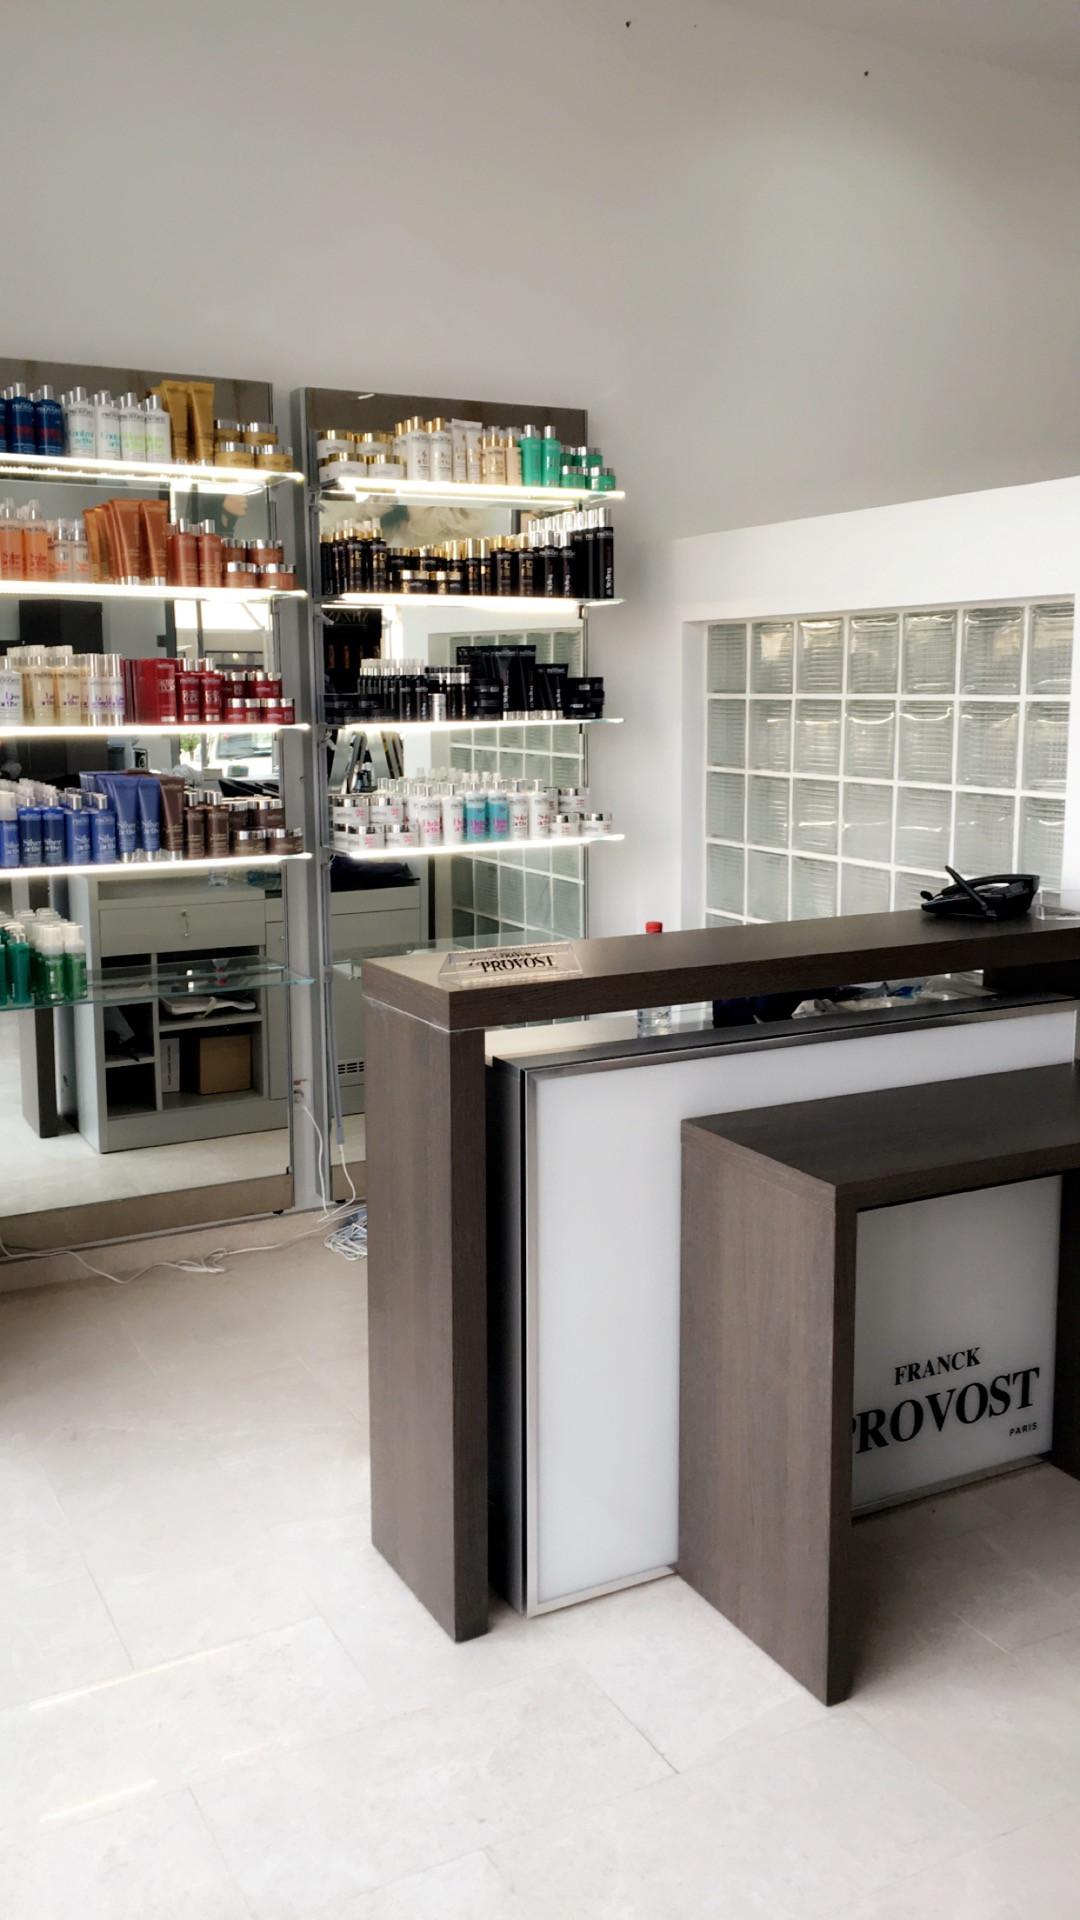 Franchise - Salon Franck provost à Pointe Noire/ Congo